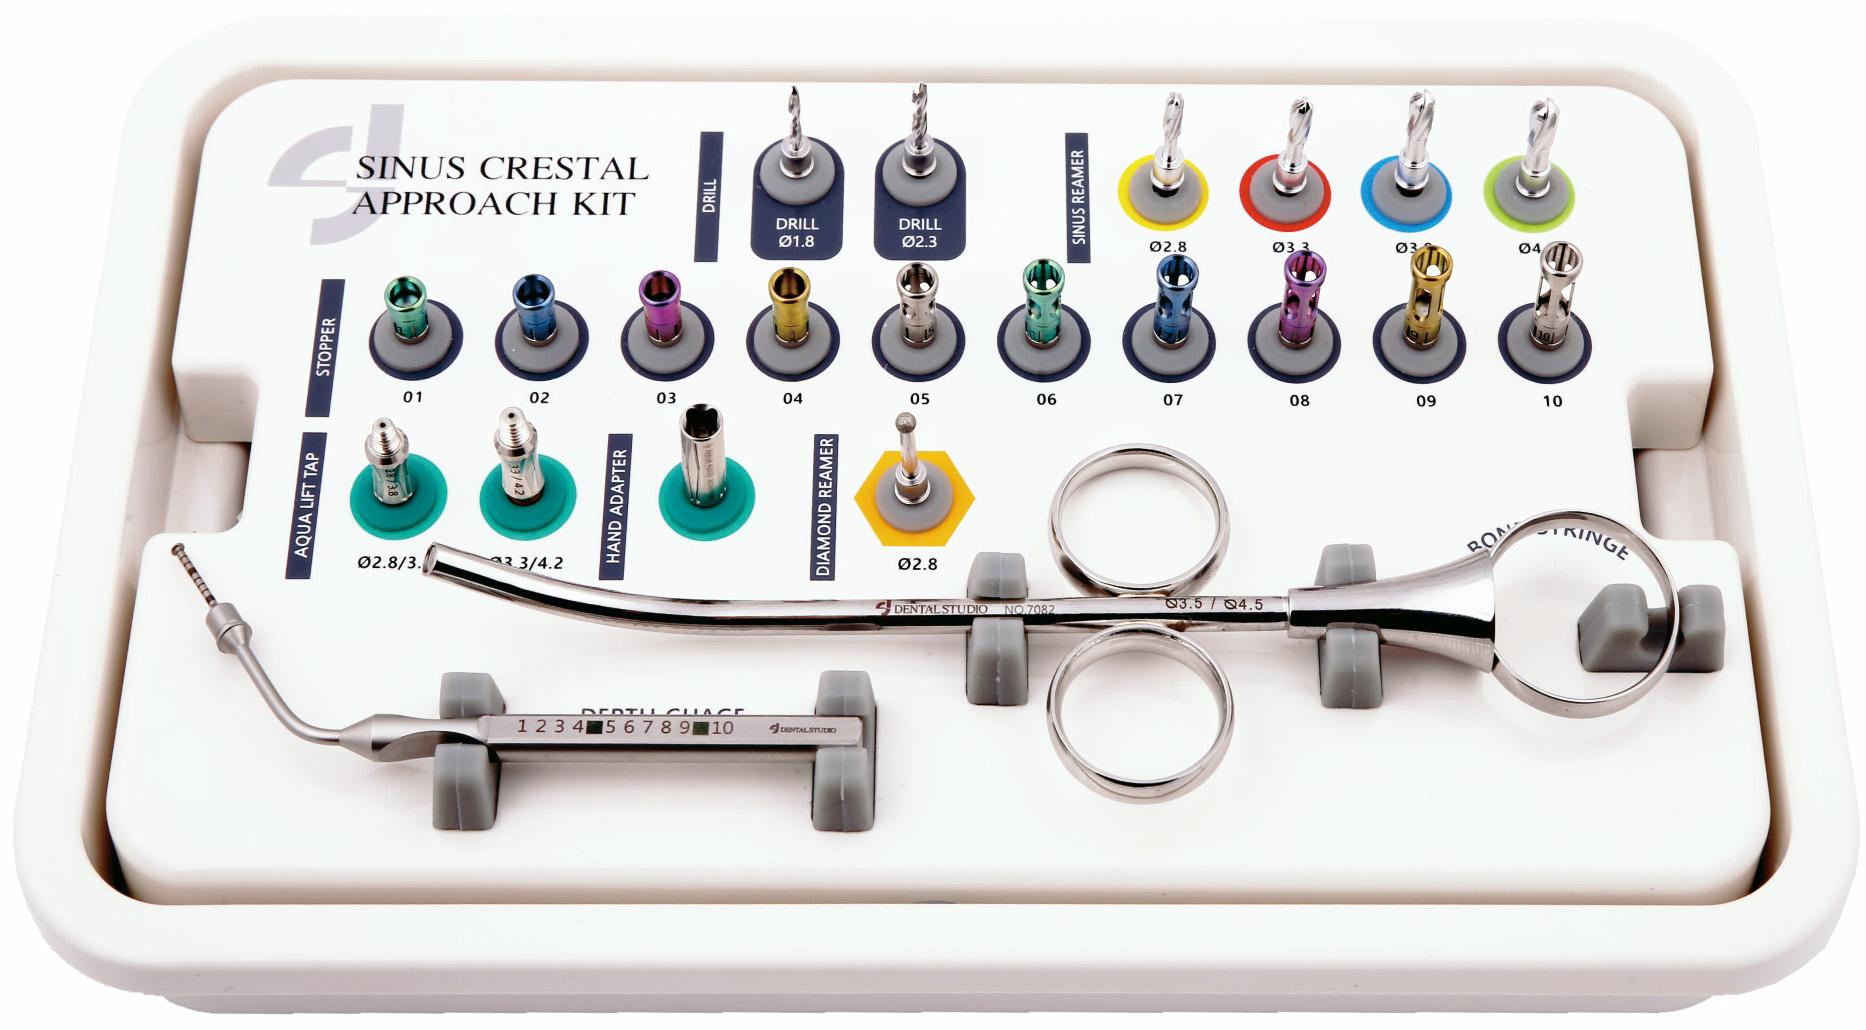 Набор для закрытого (крестального) синус-лифтинга Dental Studio